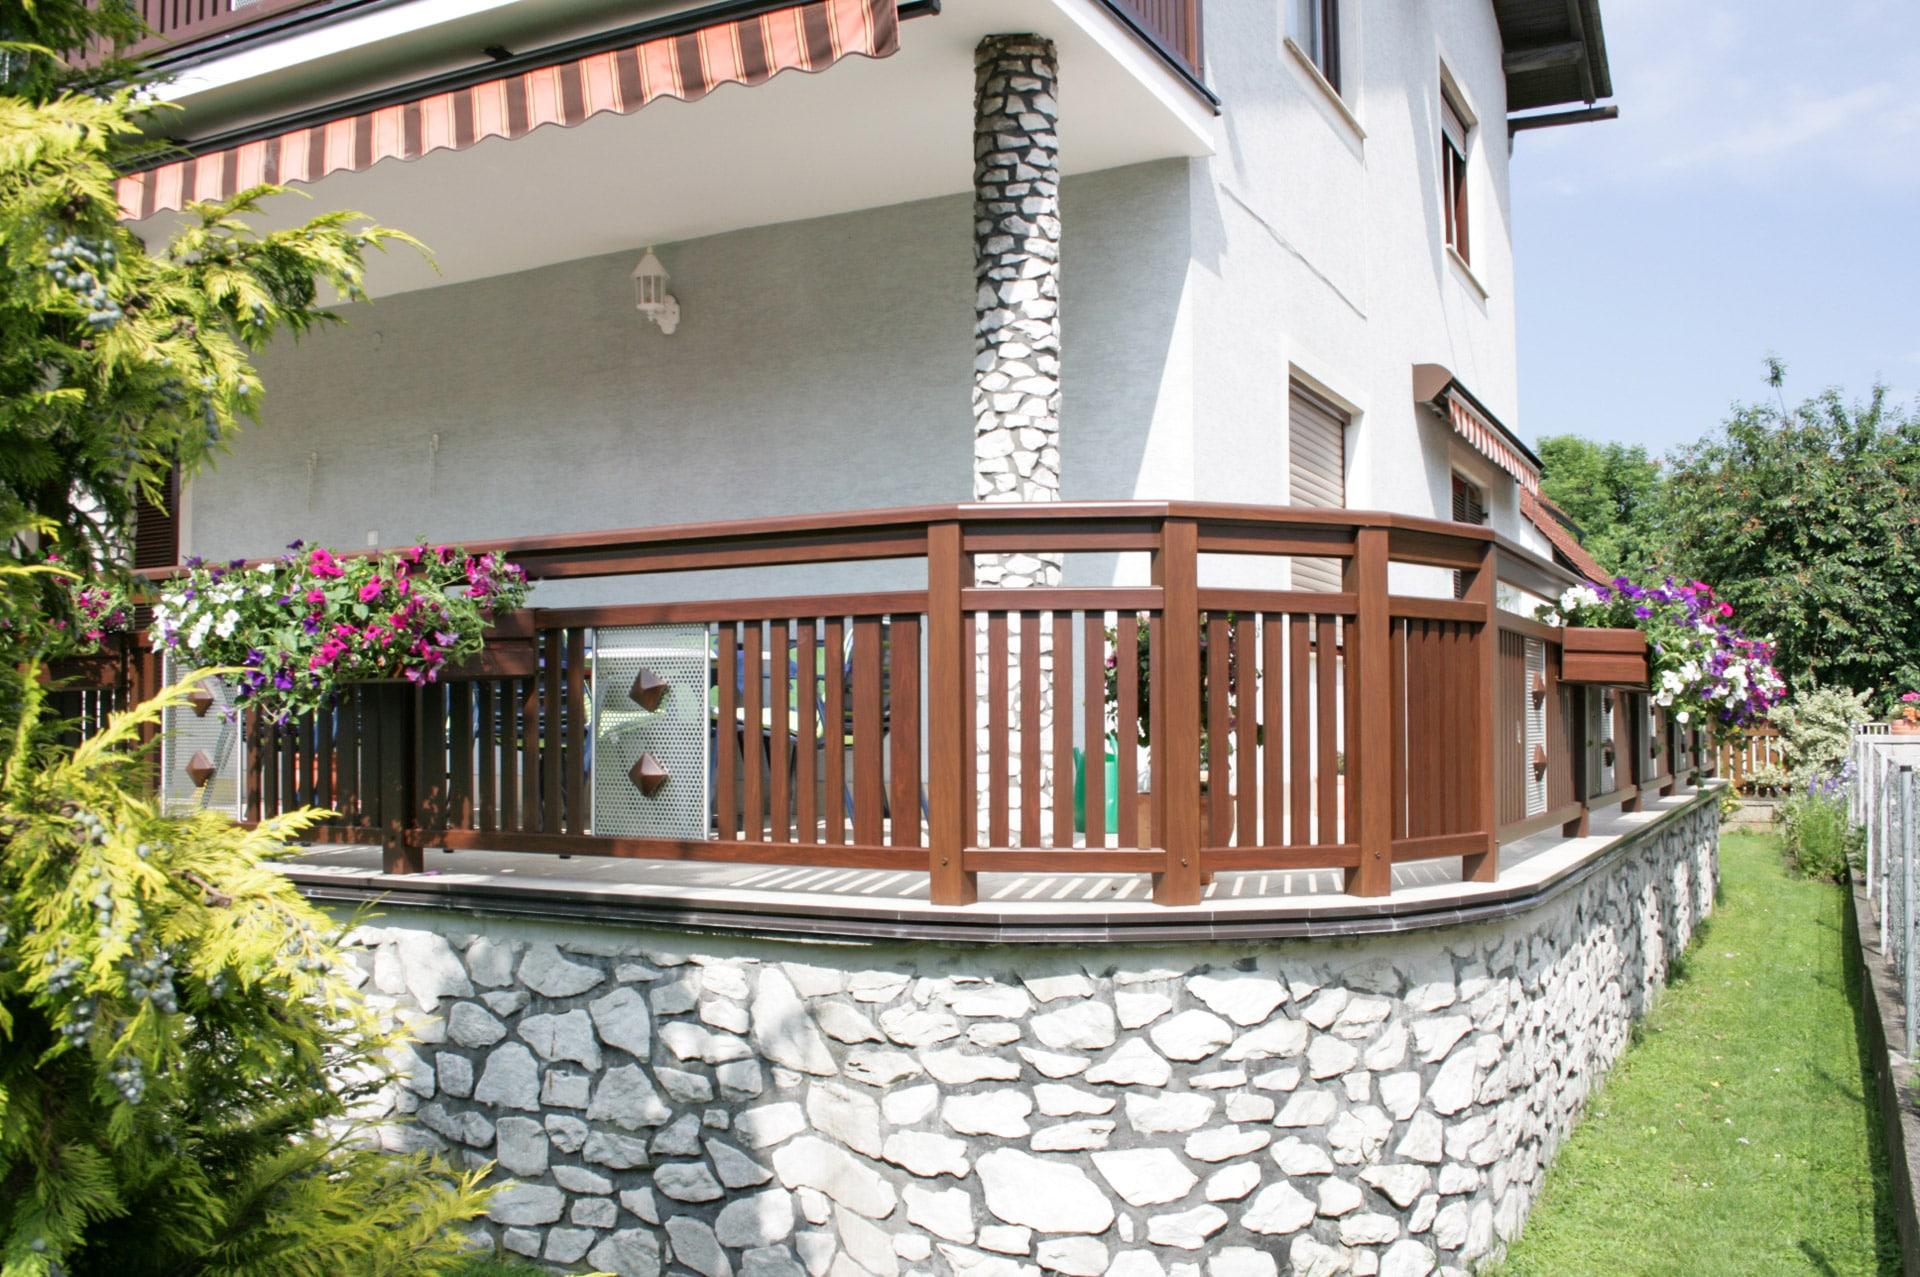 Krieglach 04 H b | Terrassengländer aus Aluminium-Latten braun, Edelstahl-Lochblech mittig | Svoboda